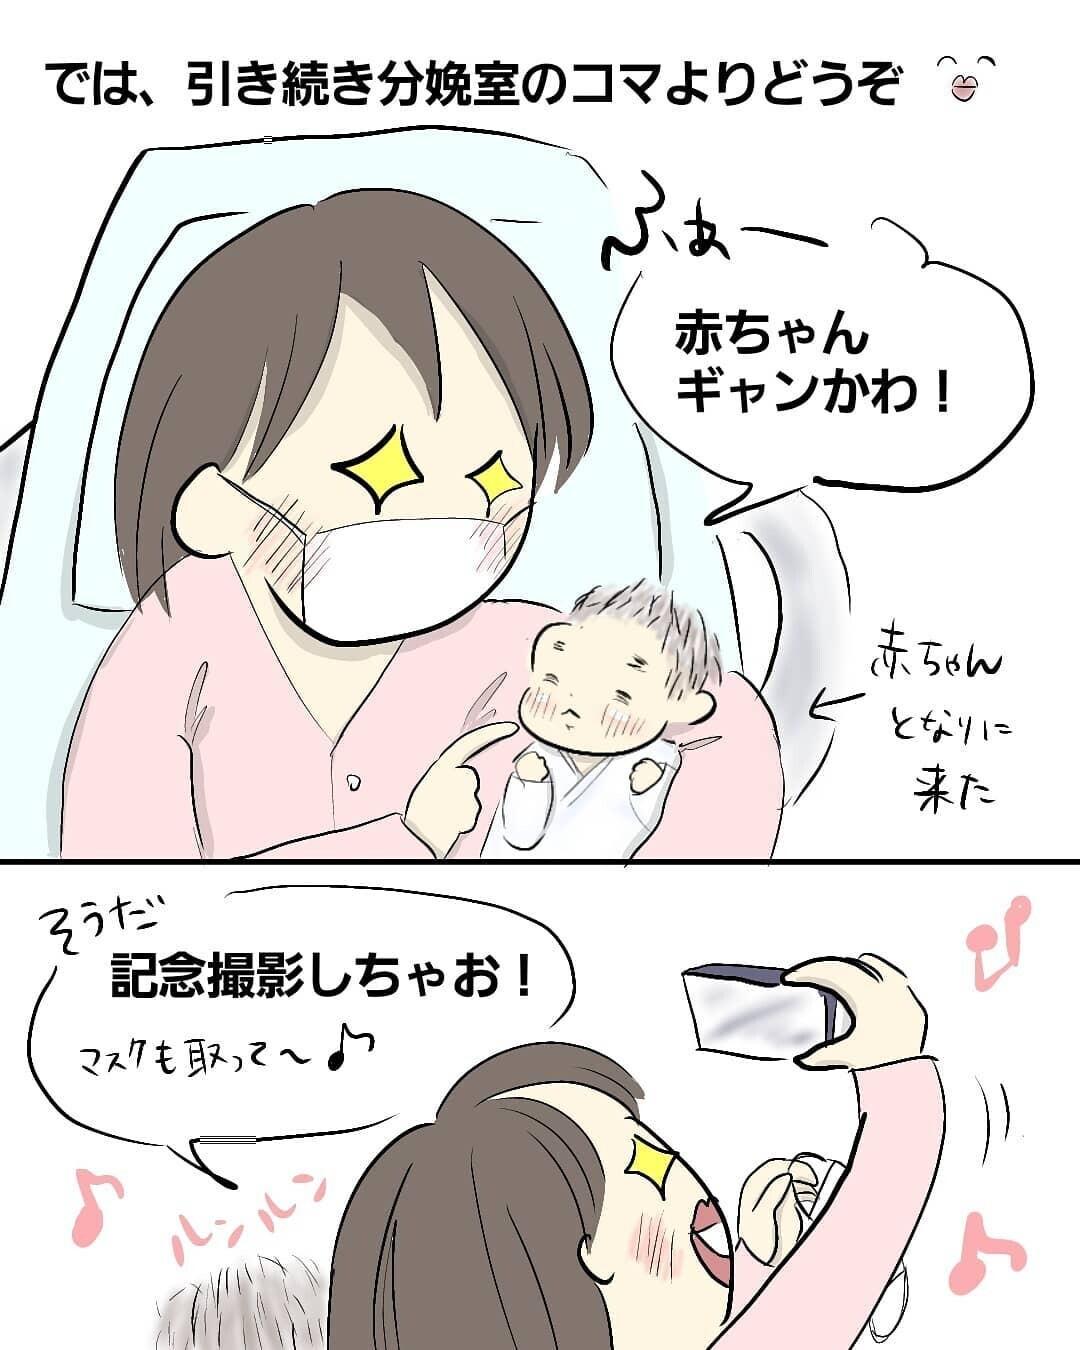 これはあるある…? 産後の初トイレは、まさかの快感!?【お産ウォーズ Vol.13】